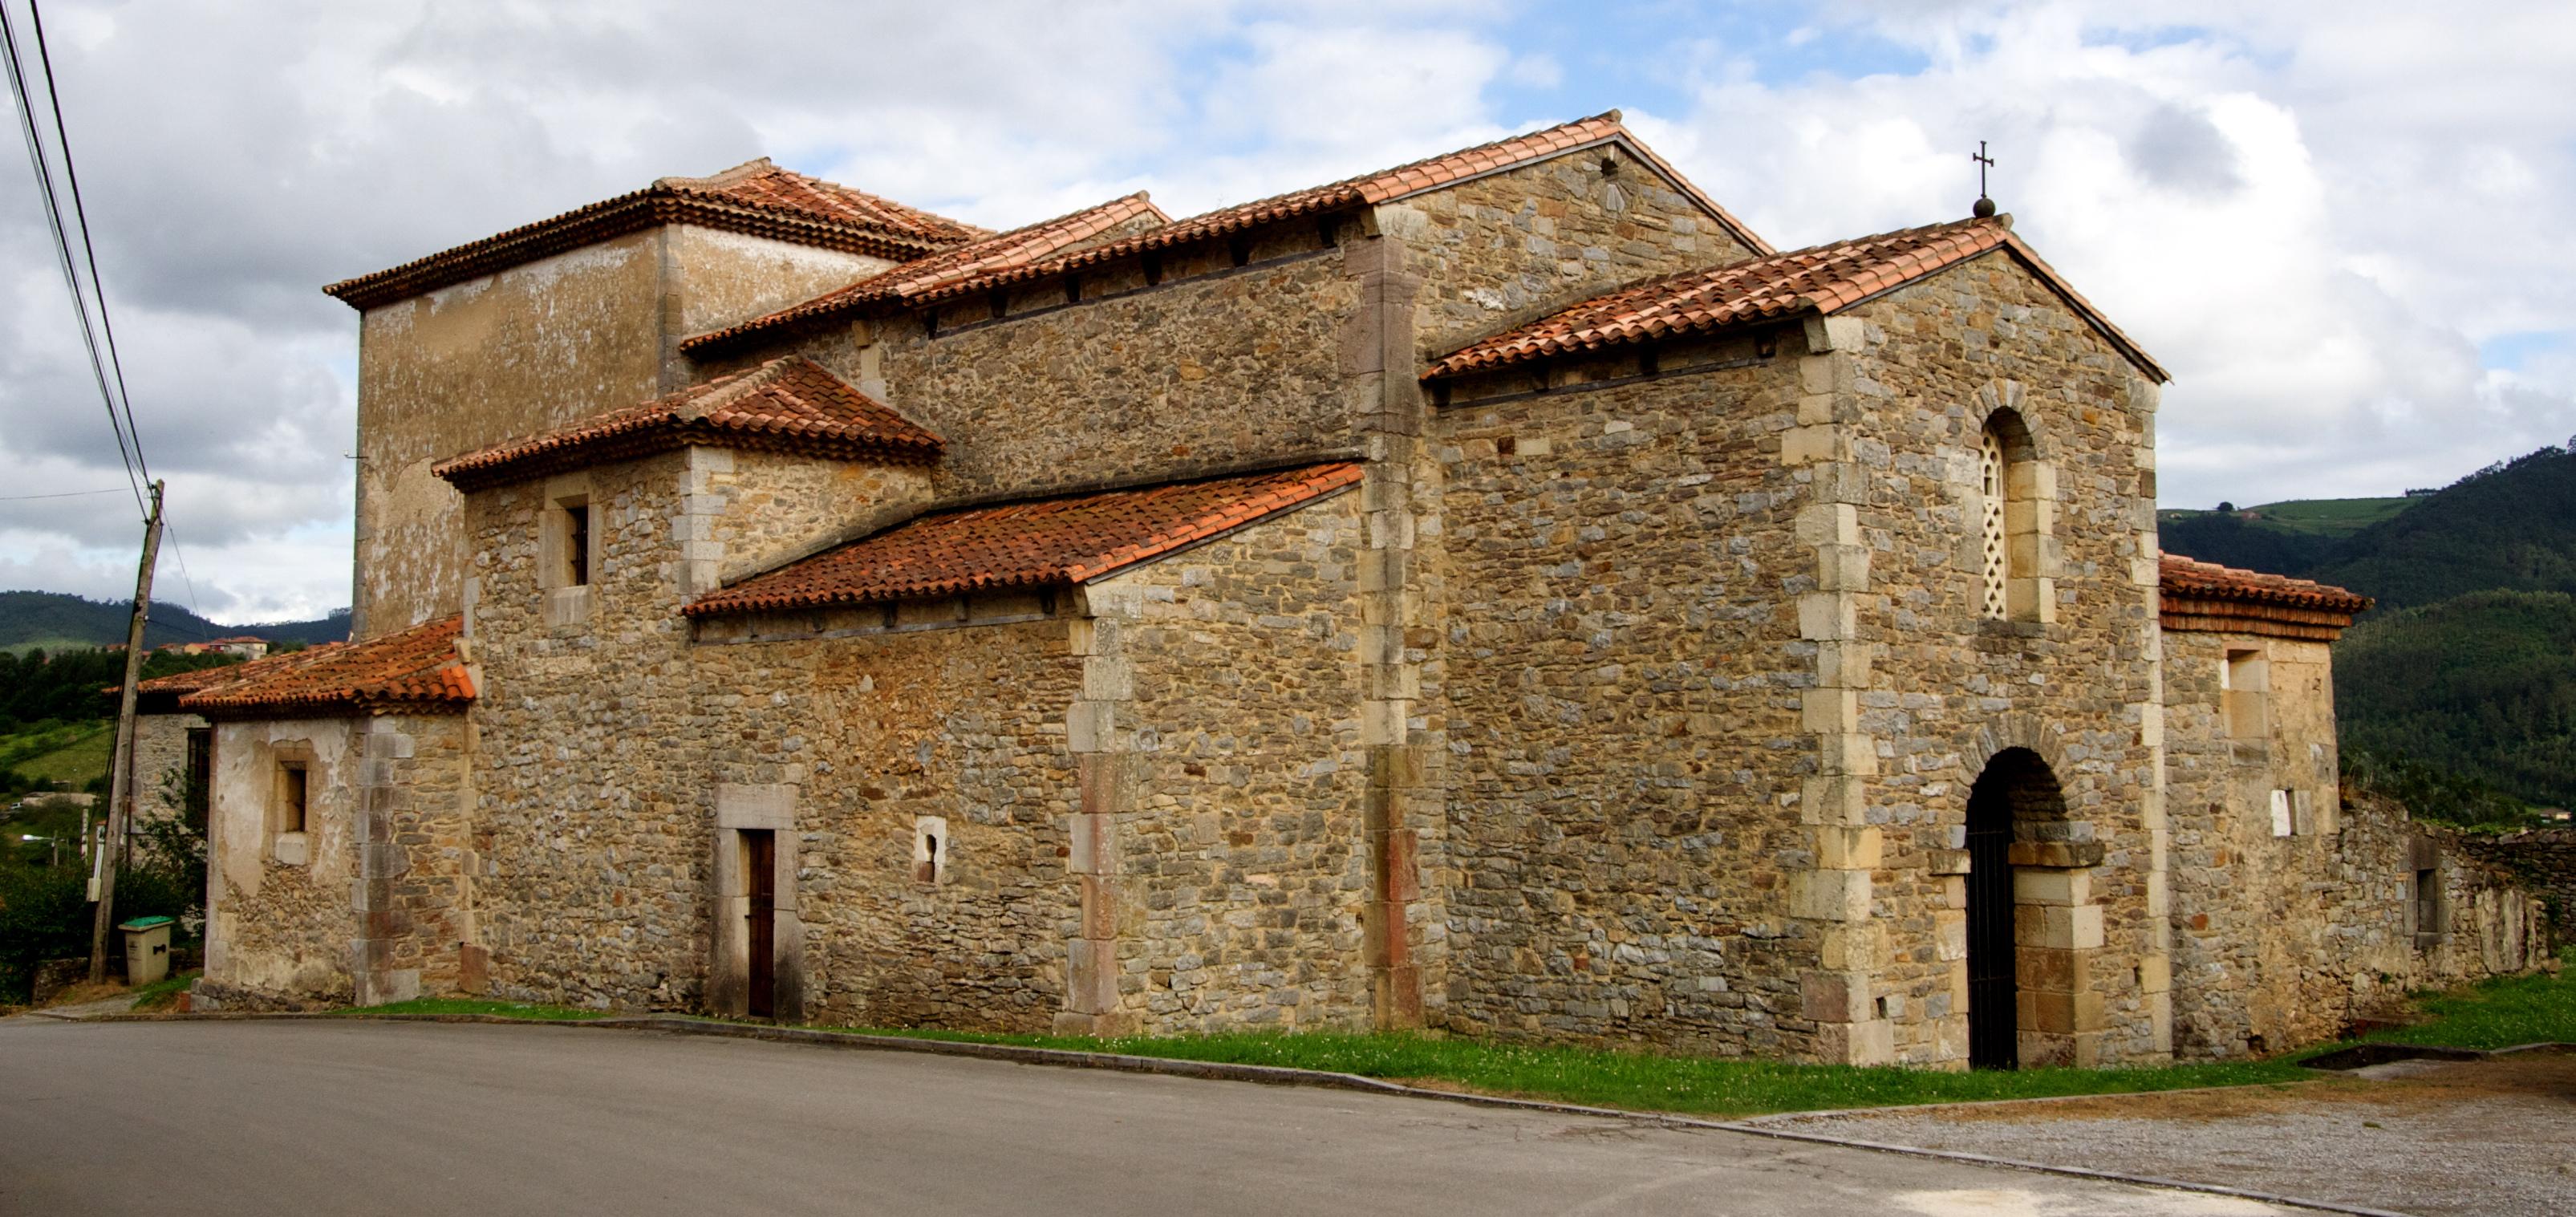 Iglesia de San Juan (Santianes de Pravia) - Wikipedia, la ...